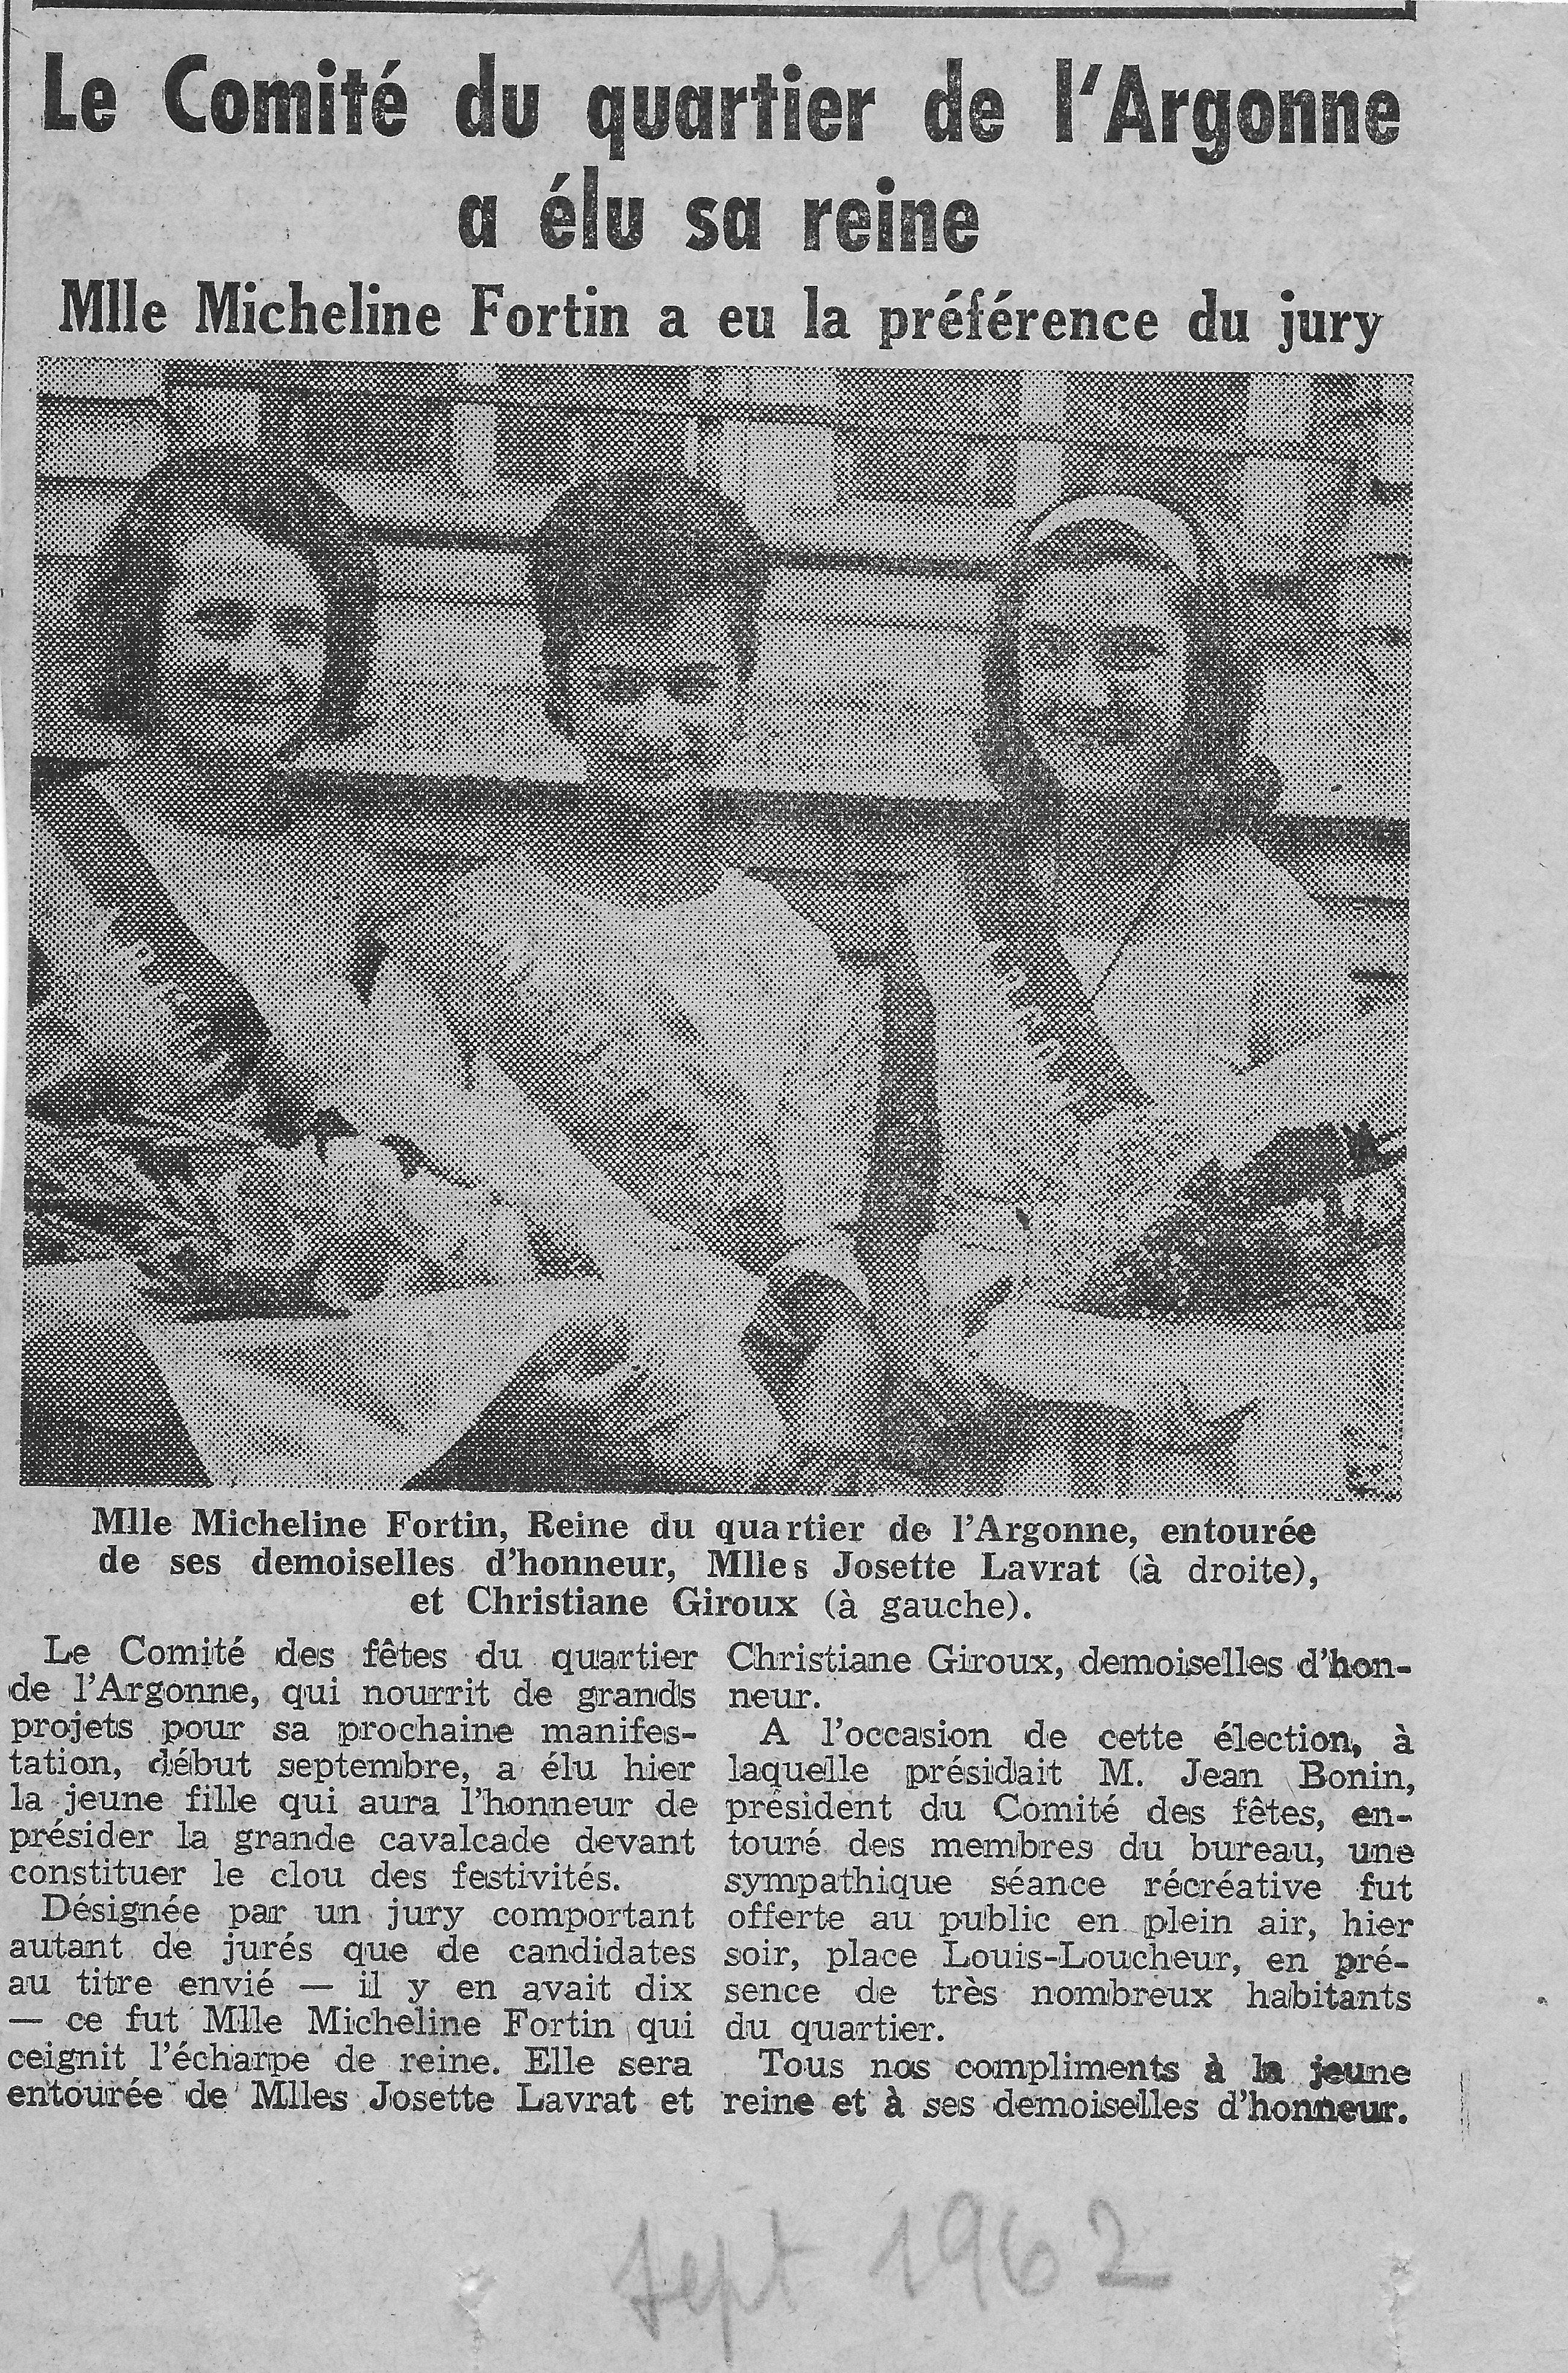 91-Docs-Lydie-Gascoin-50-Fête-de-lArgonne-septembre-1962-1